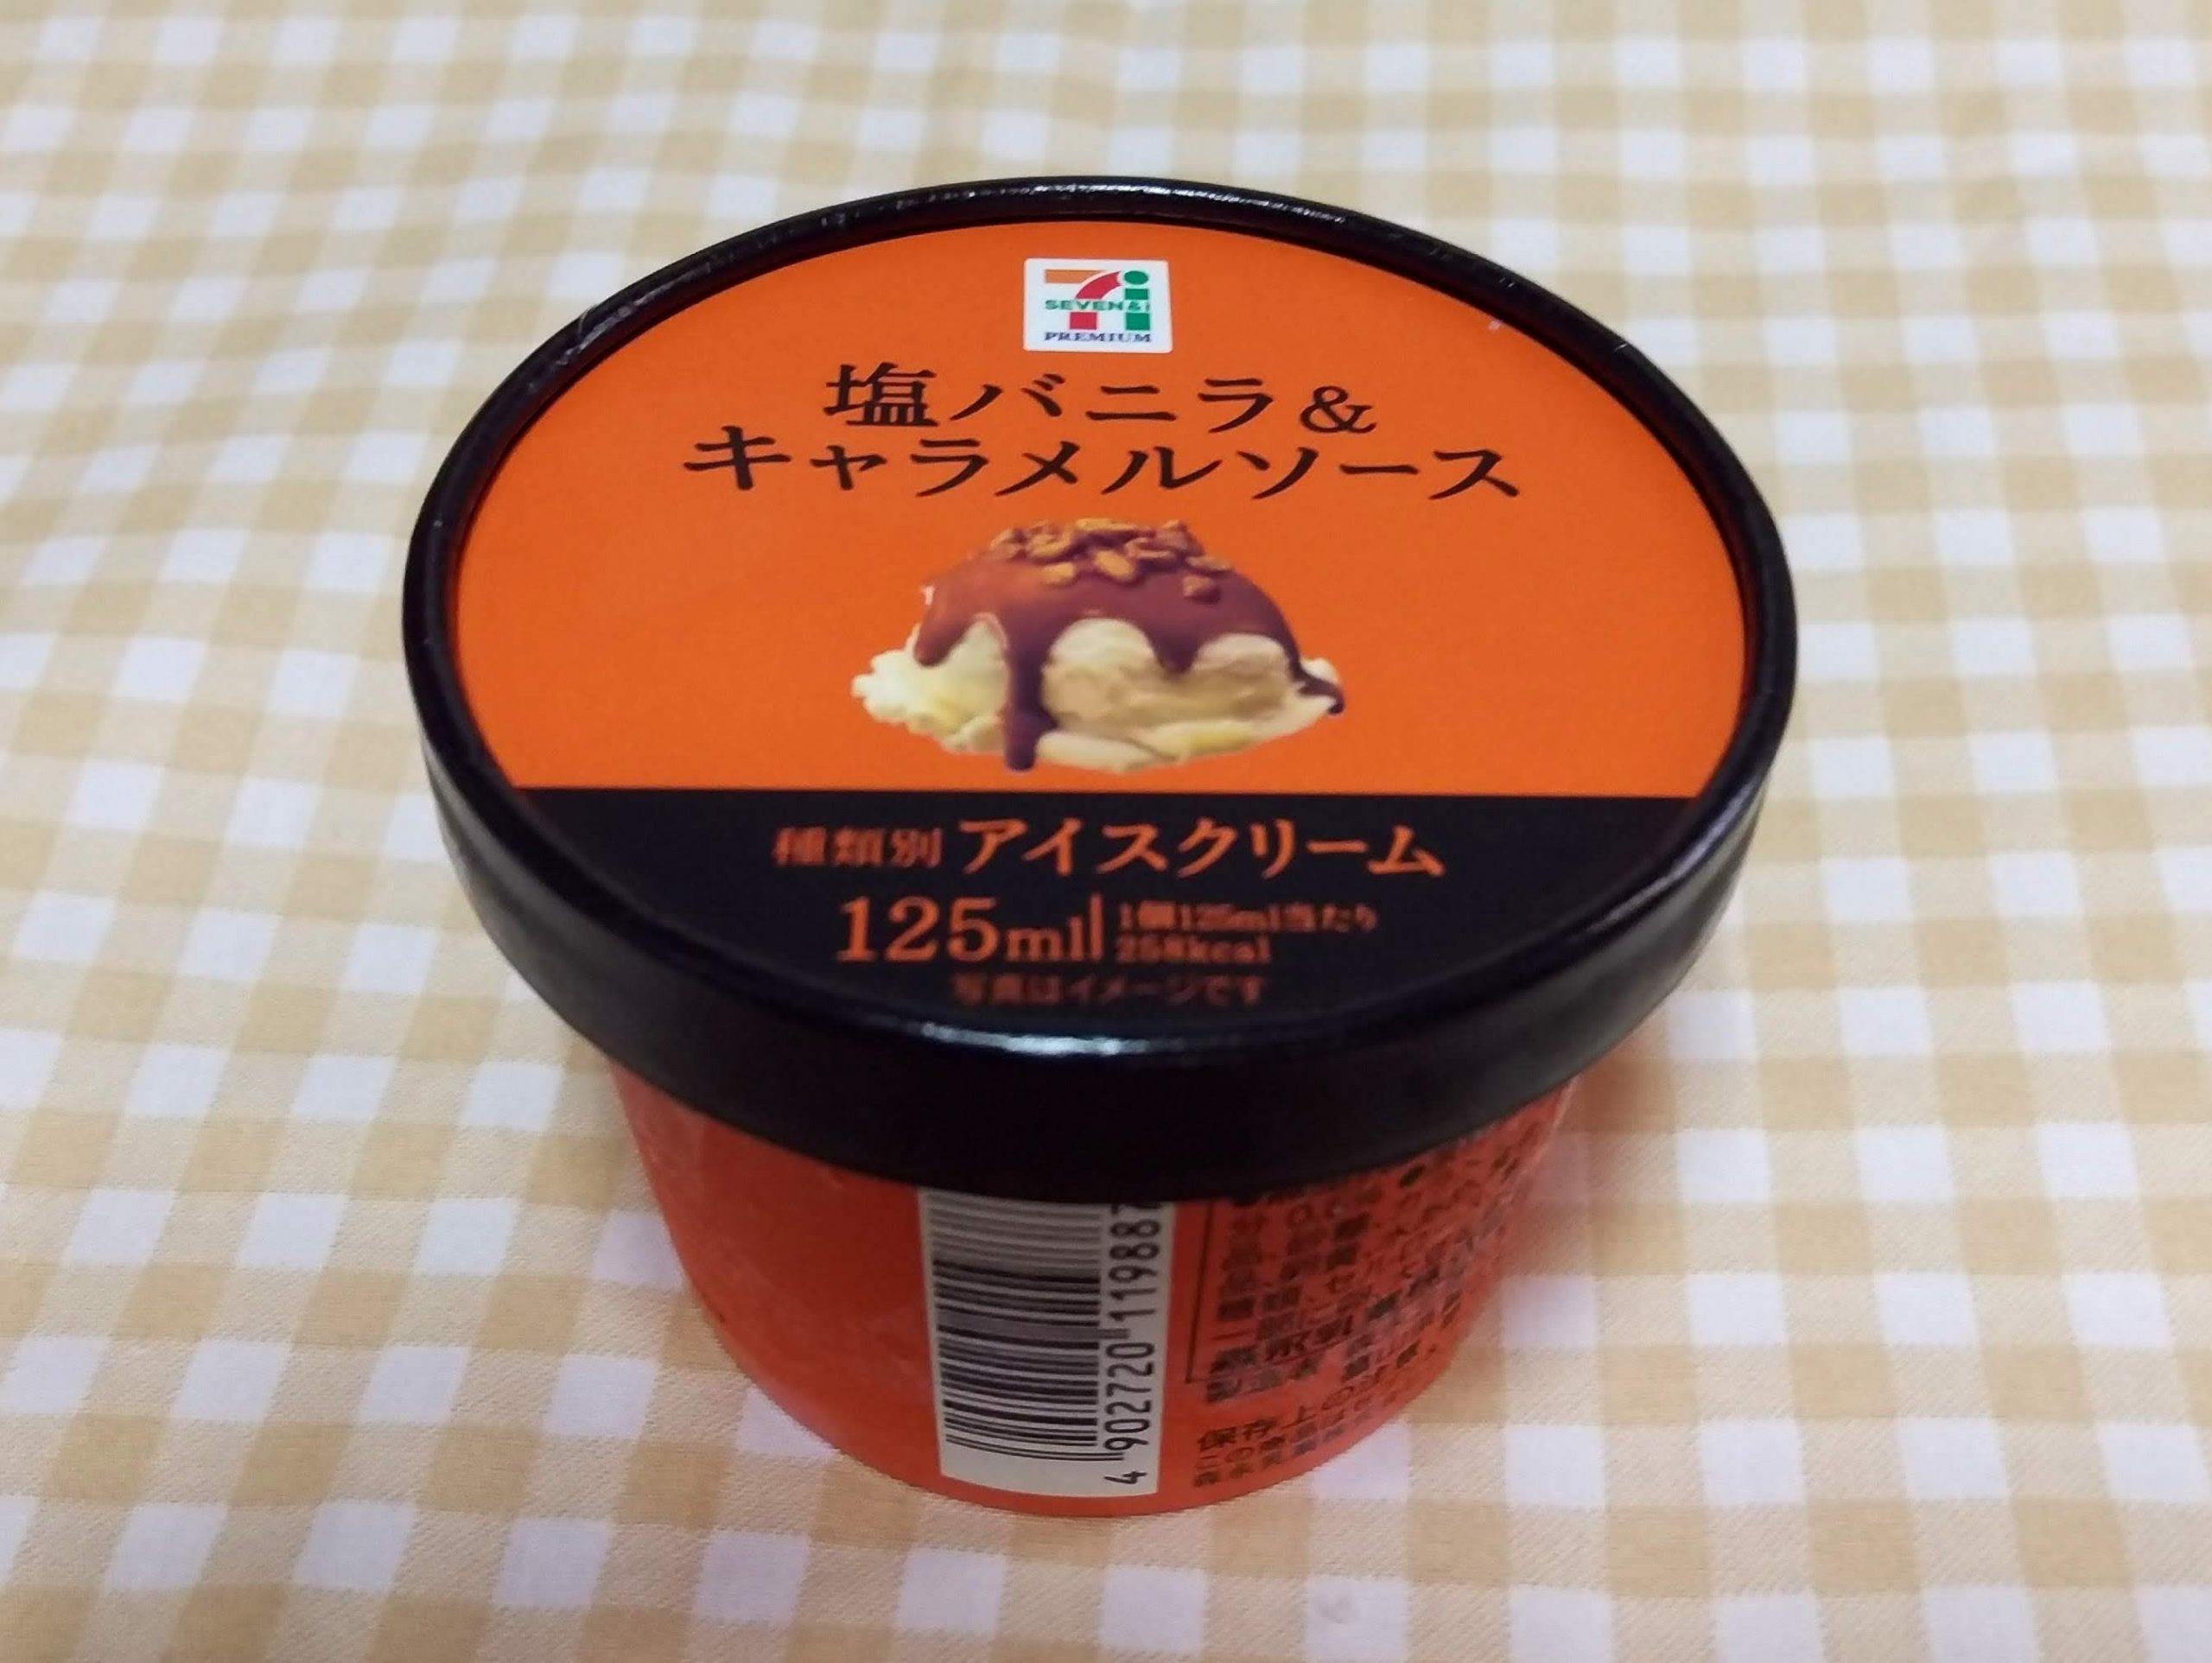 塩バニラ&キャラメルソース/セブンプレミアム_IMAG2243